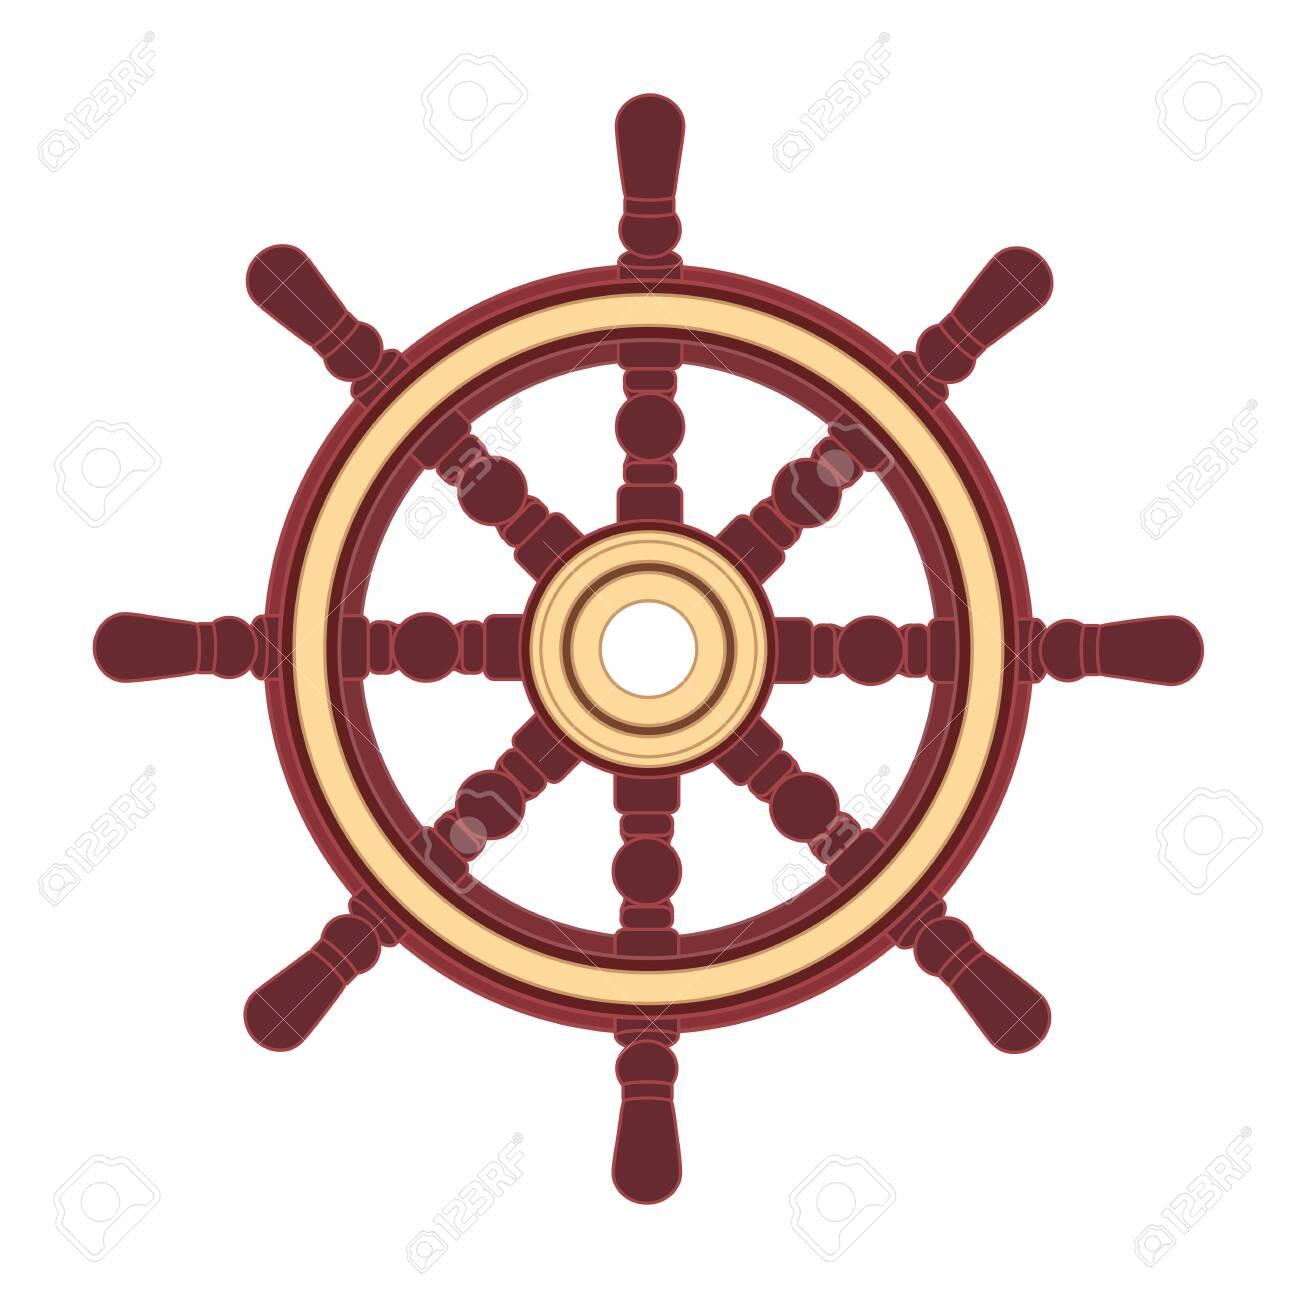 vector boat handwheel, ship wheel helm. Sea, ocean symbol - 124415622